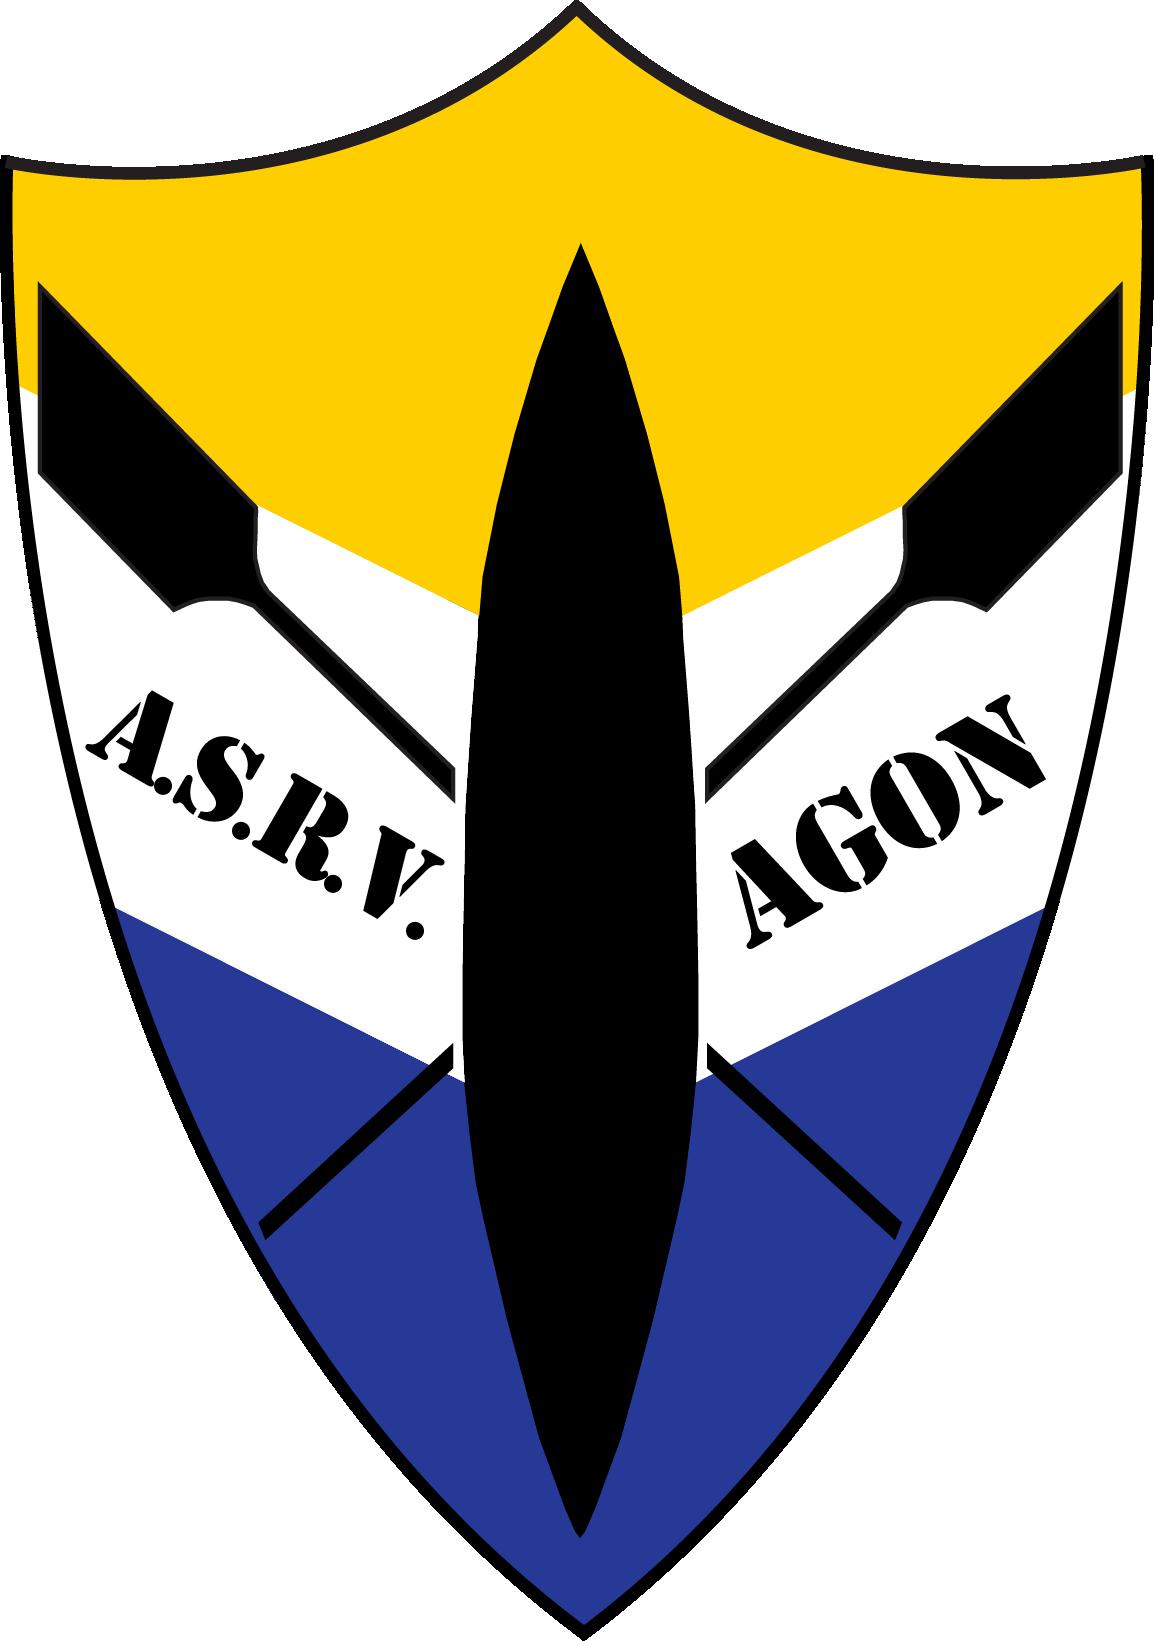 Agon logo